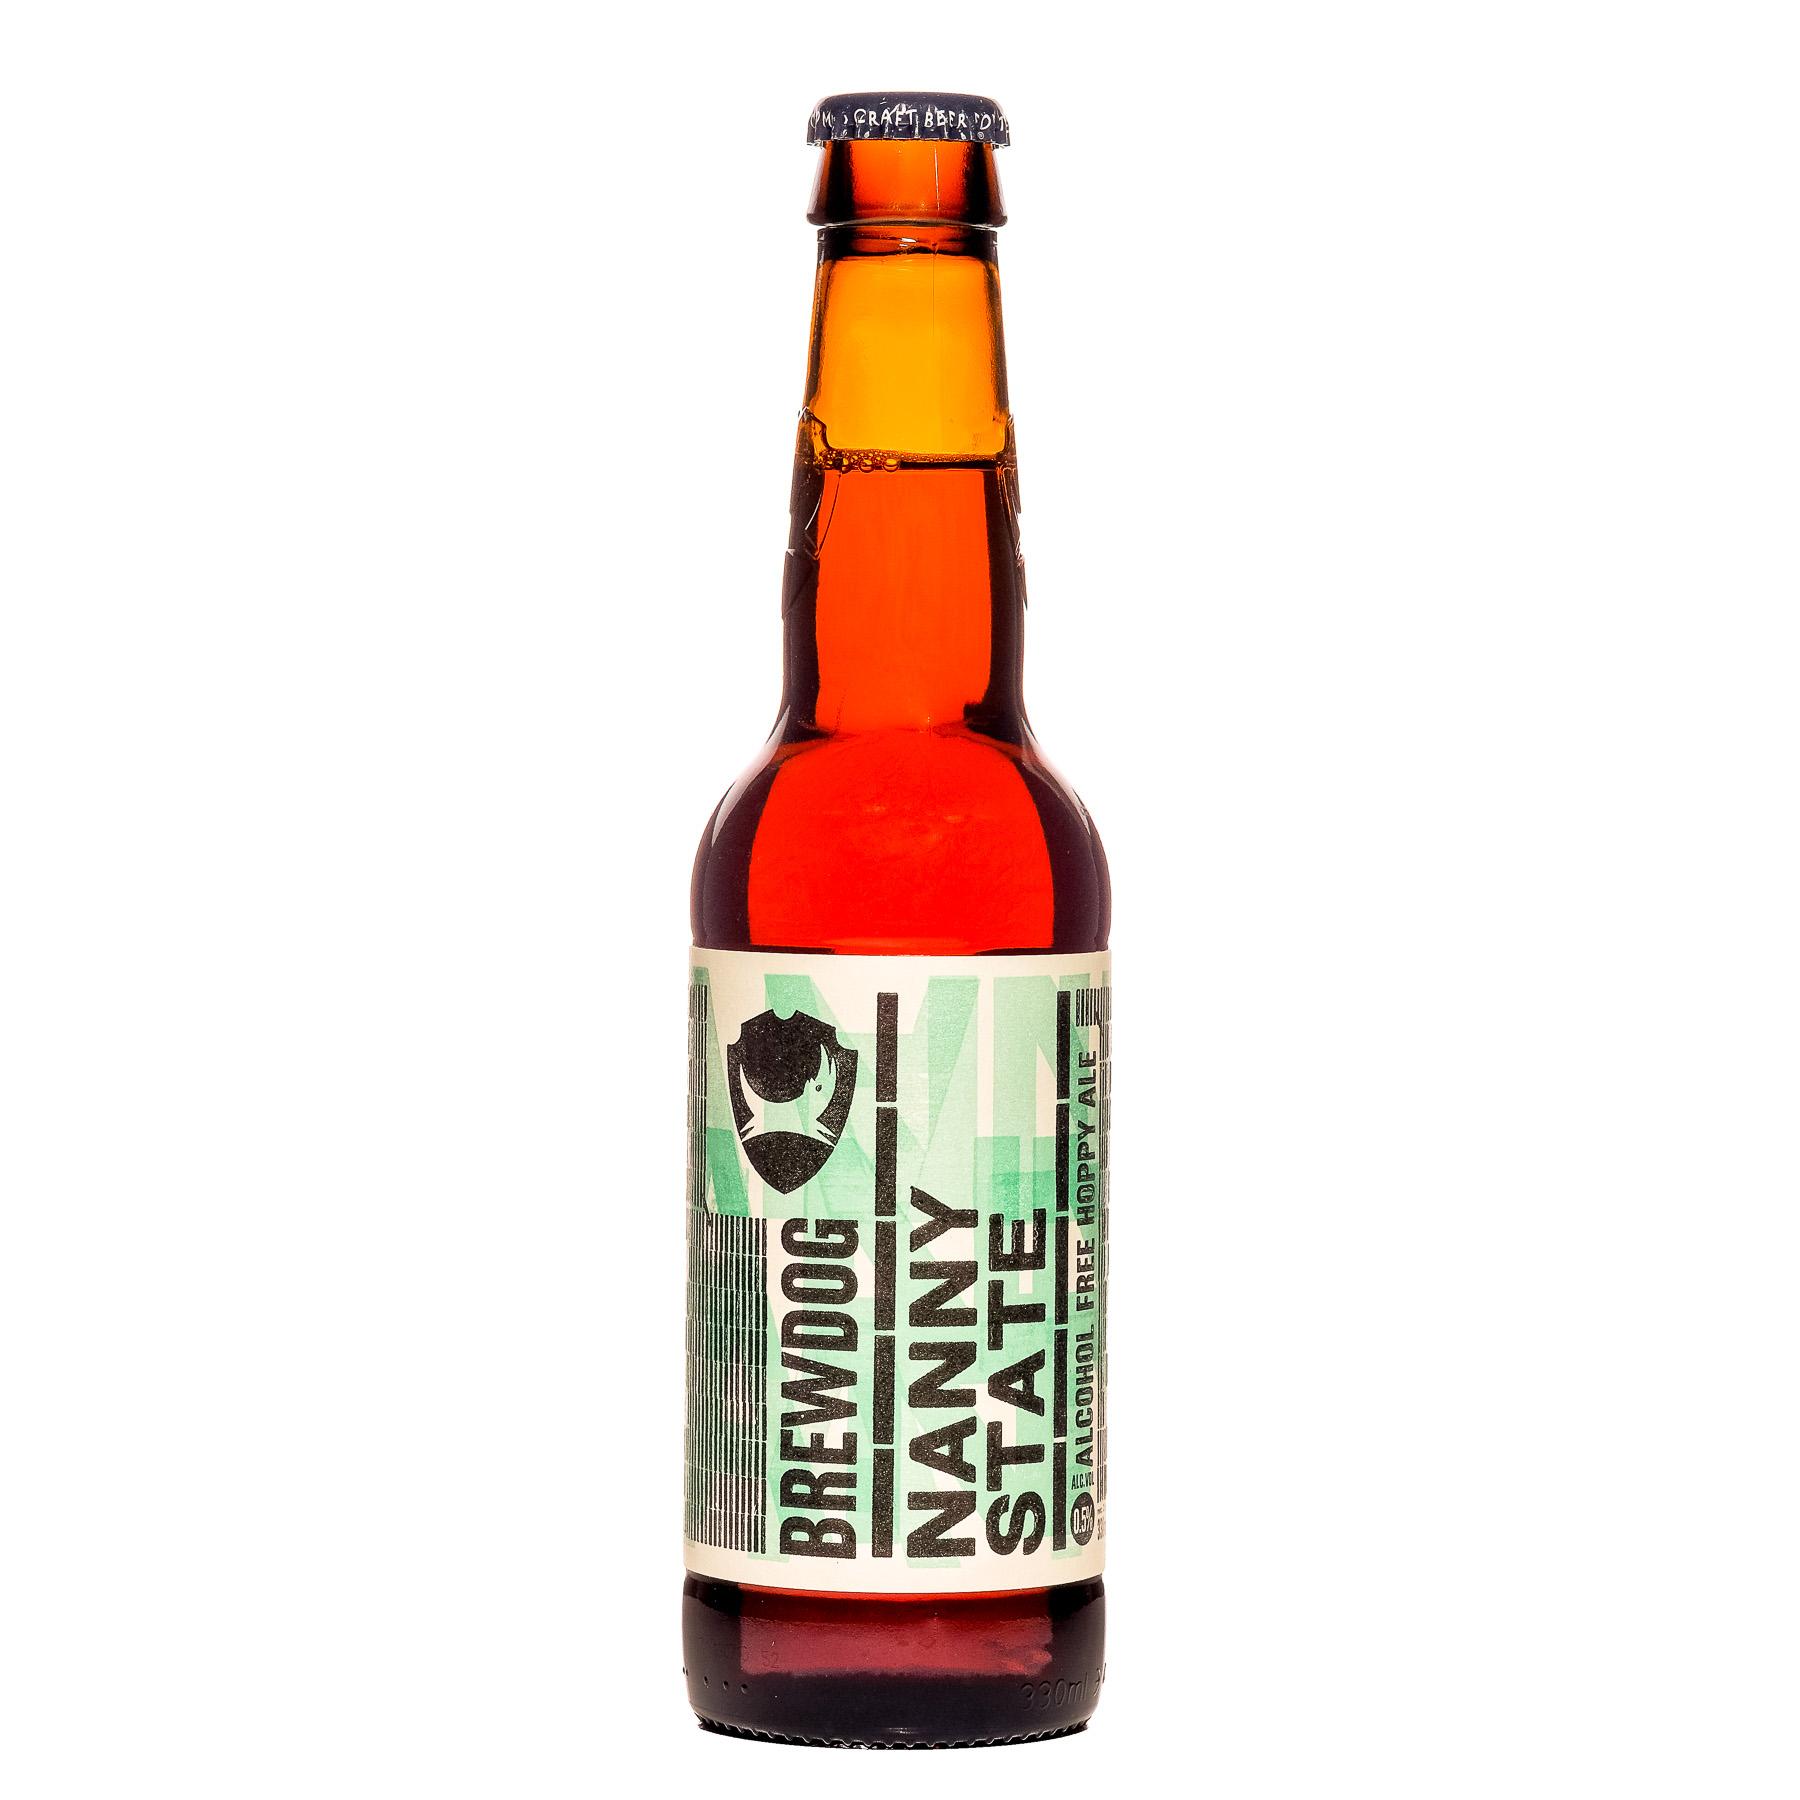 Bière Nanny State - Brasserie Brewdog